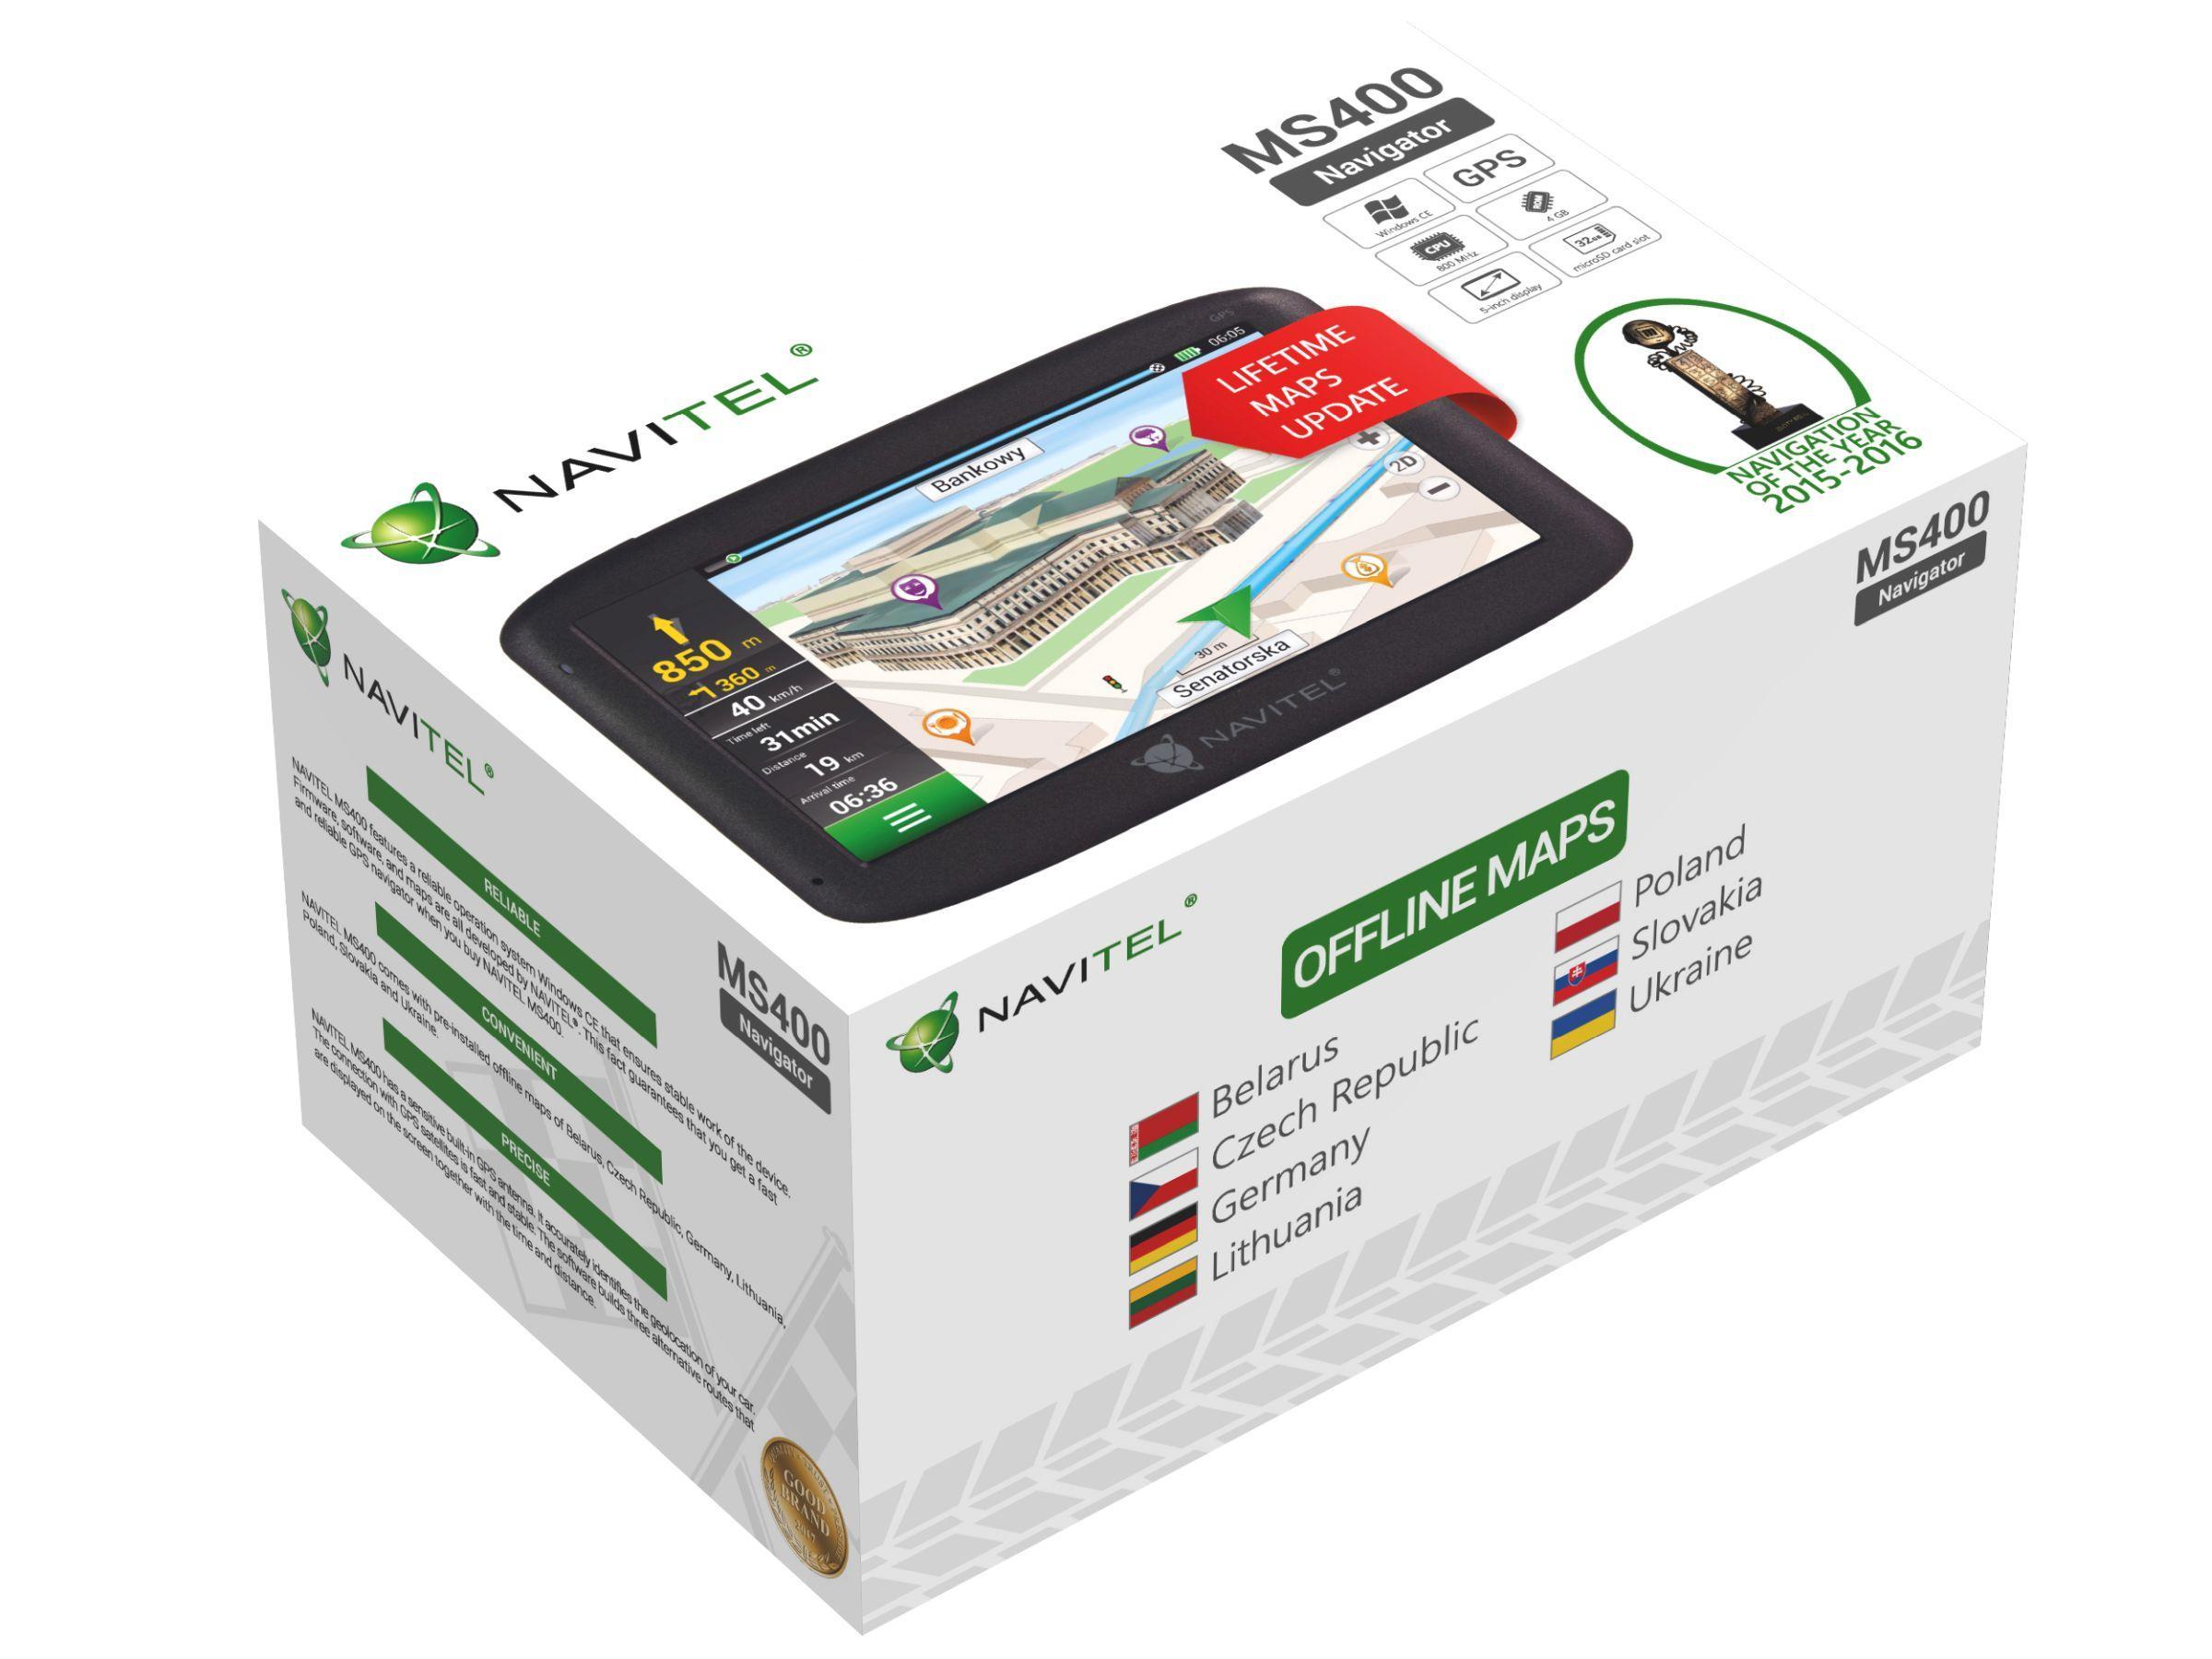 Navigační systém NAVITEL NAVMS400 odborné znalosti